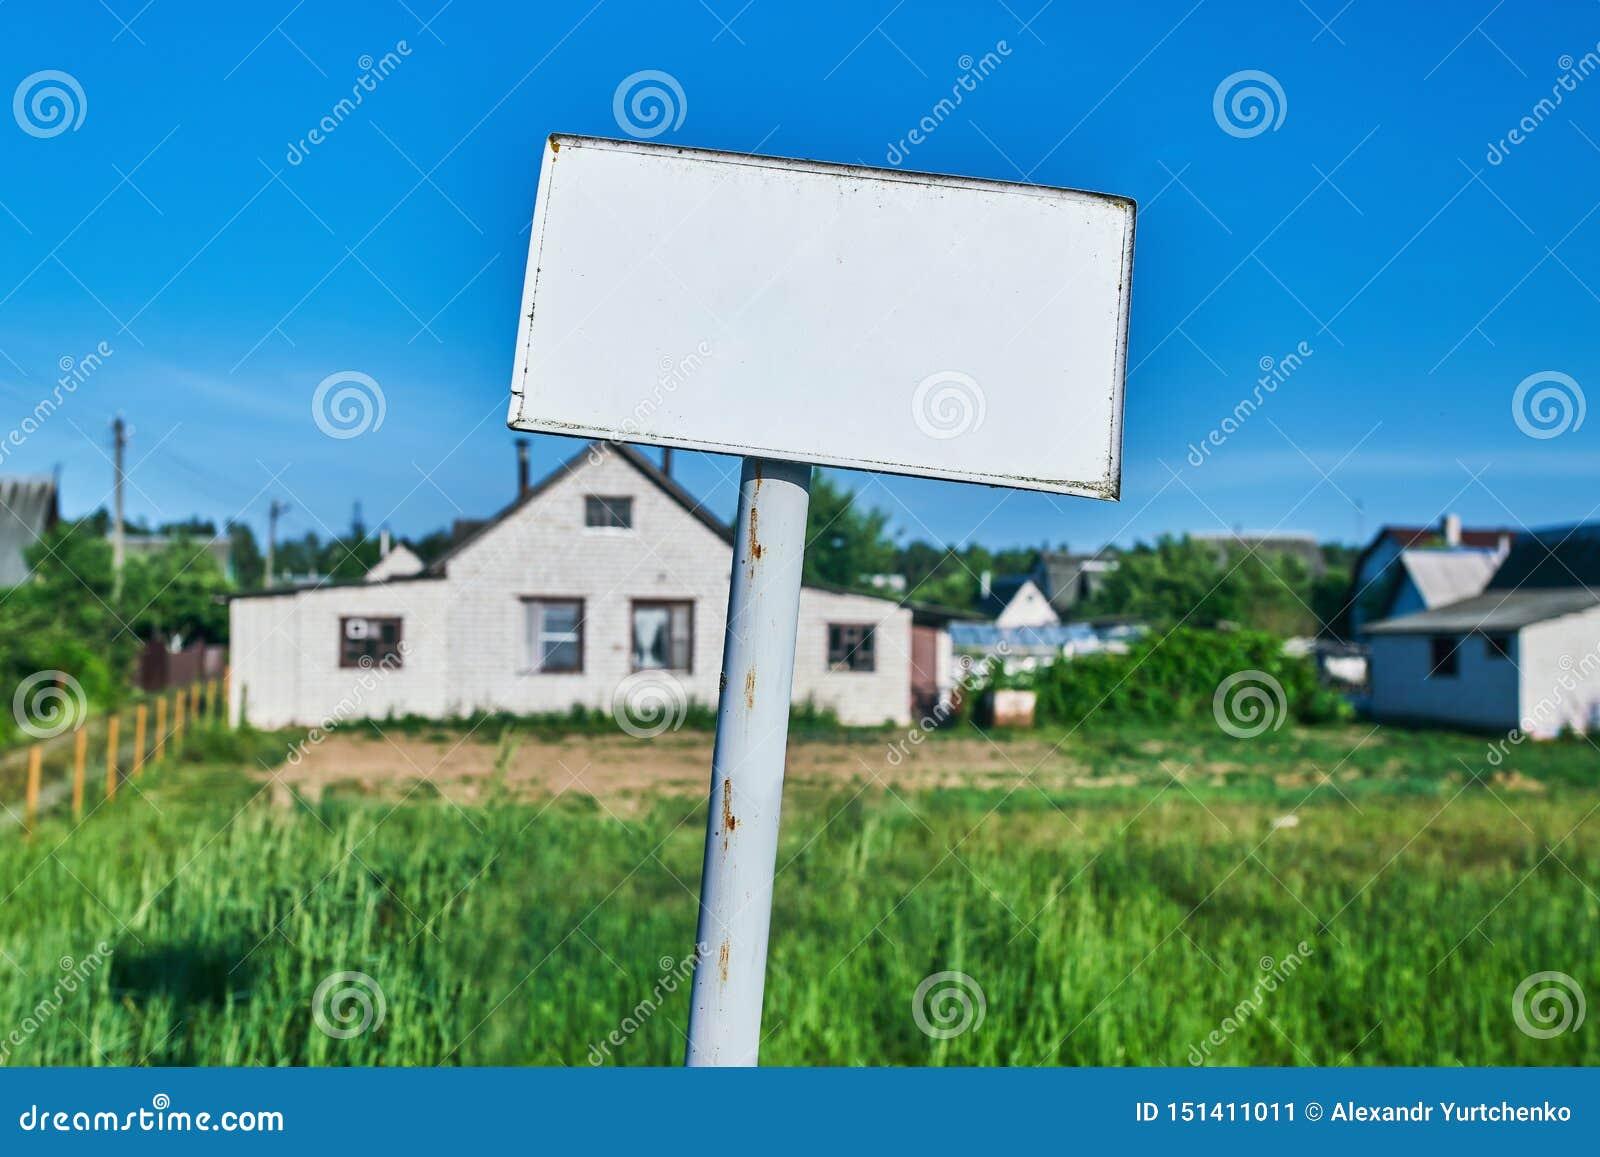 Wit teken met tekstgebied dichtbij wit huis